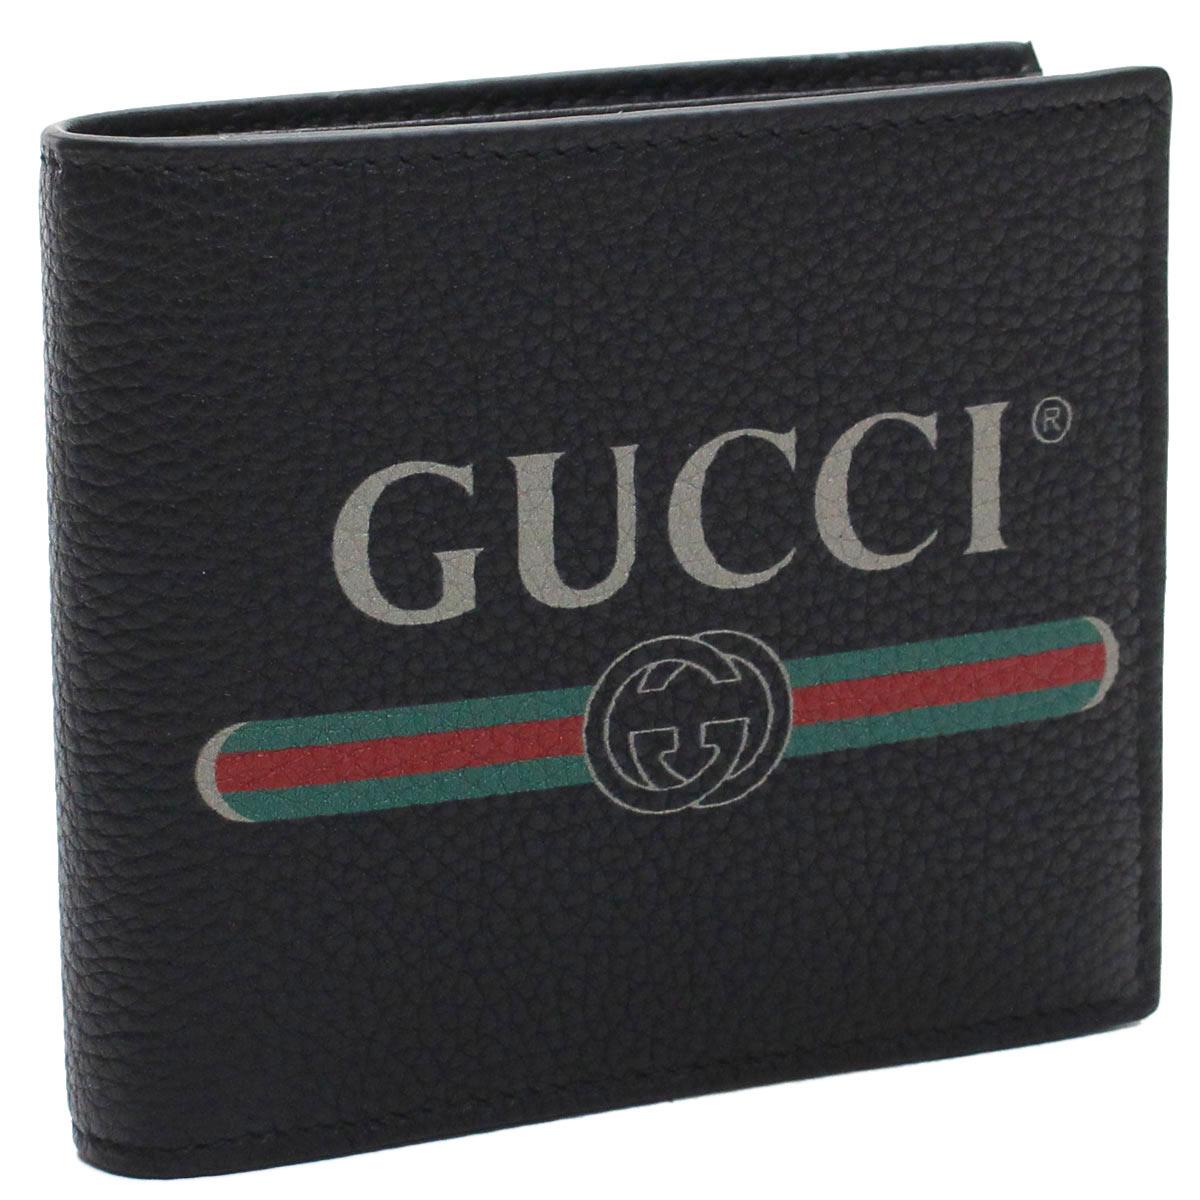 グッチ GUCCI GUCCI PRINT ヴィンテージロゴ プリント 2つ折り財布 コンパクト財布 496316 0GCAT 8163 ブラック